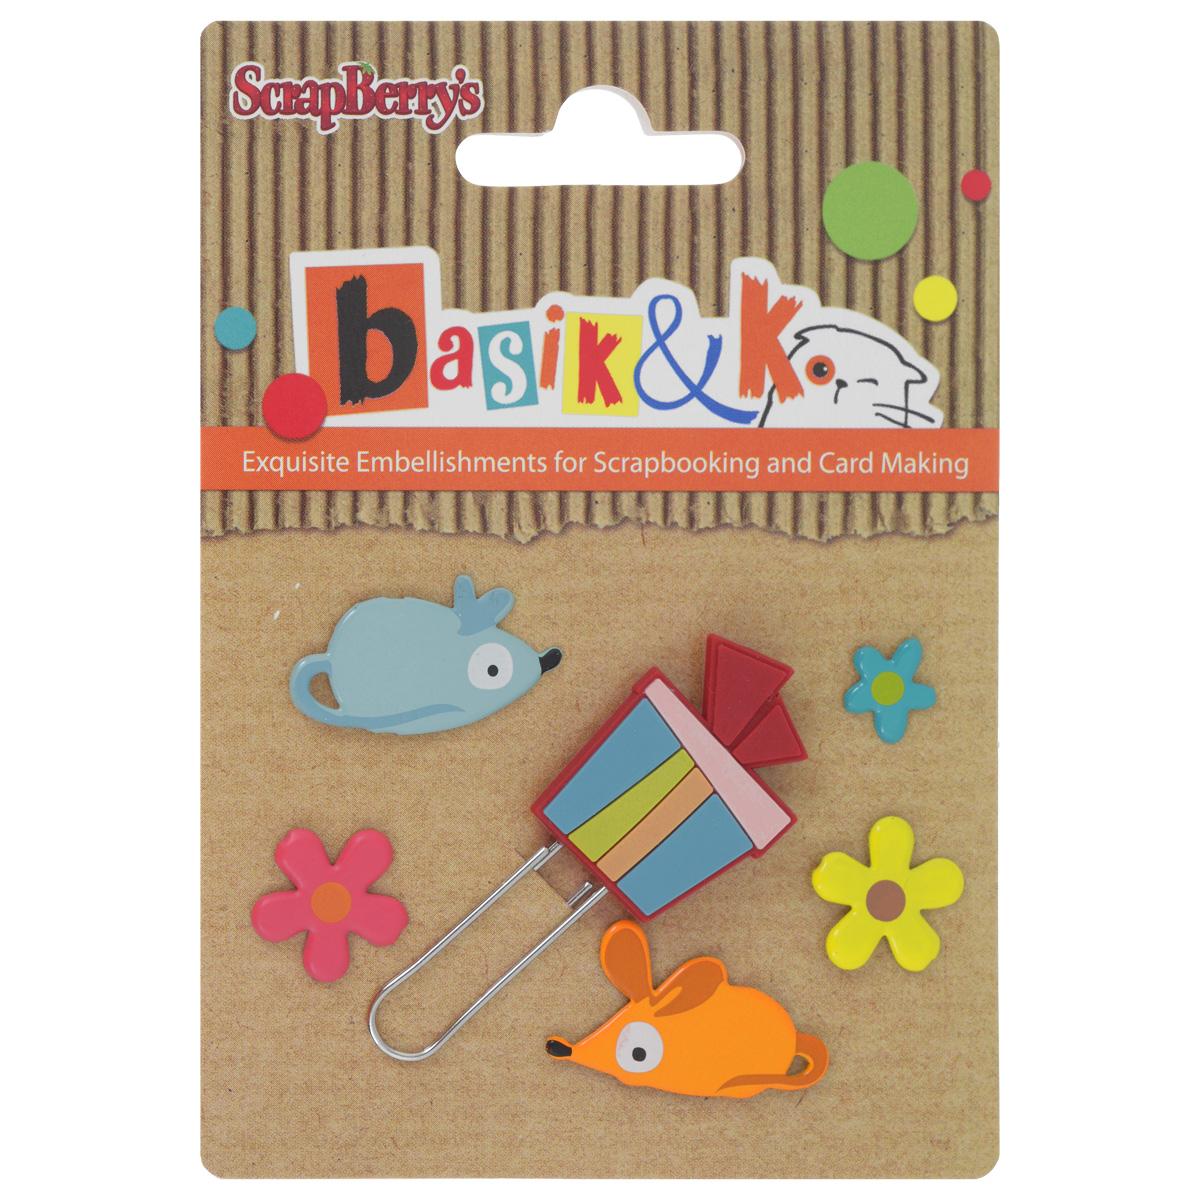 Набор брадсов Basik & K Кошки-мышки, 6 шт09840-20.000.00Брадсы Basik & K Кошки-мышки изготовлены из металла и резины. В наборе представлены брадсы различных размеров, форм и цветов. Такой набор прекрасно подойдет для декора и оформления творческих работ в различных техниках, таких как скрапбукинг, шитье, декор, изготовление бижутерии и многого другого. Брадсы разнообразят вашу работу и добавят вдохновения для новых идей.Размер самого большого брадса: 2,5 см х 2 см.Диаметр самого маленького брадса: 0,9 см.